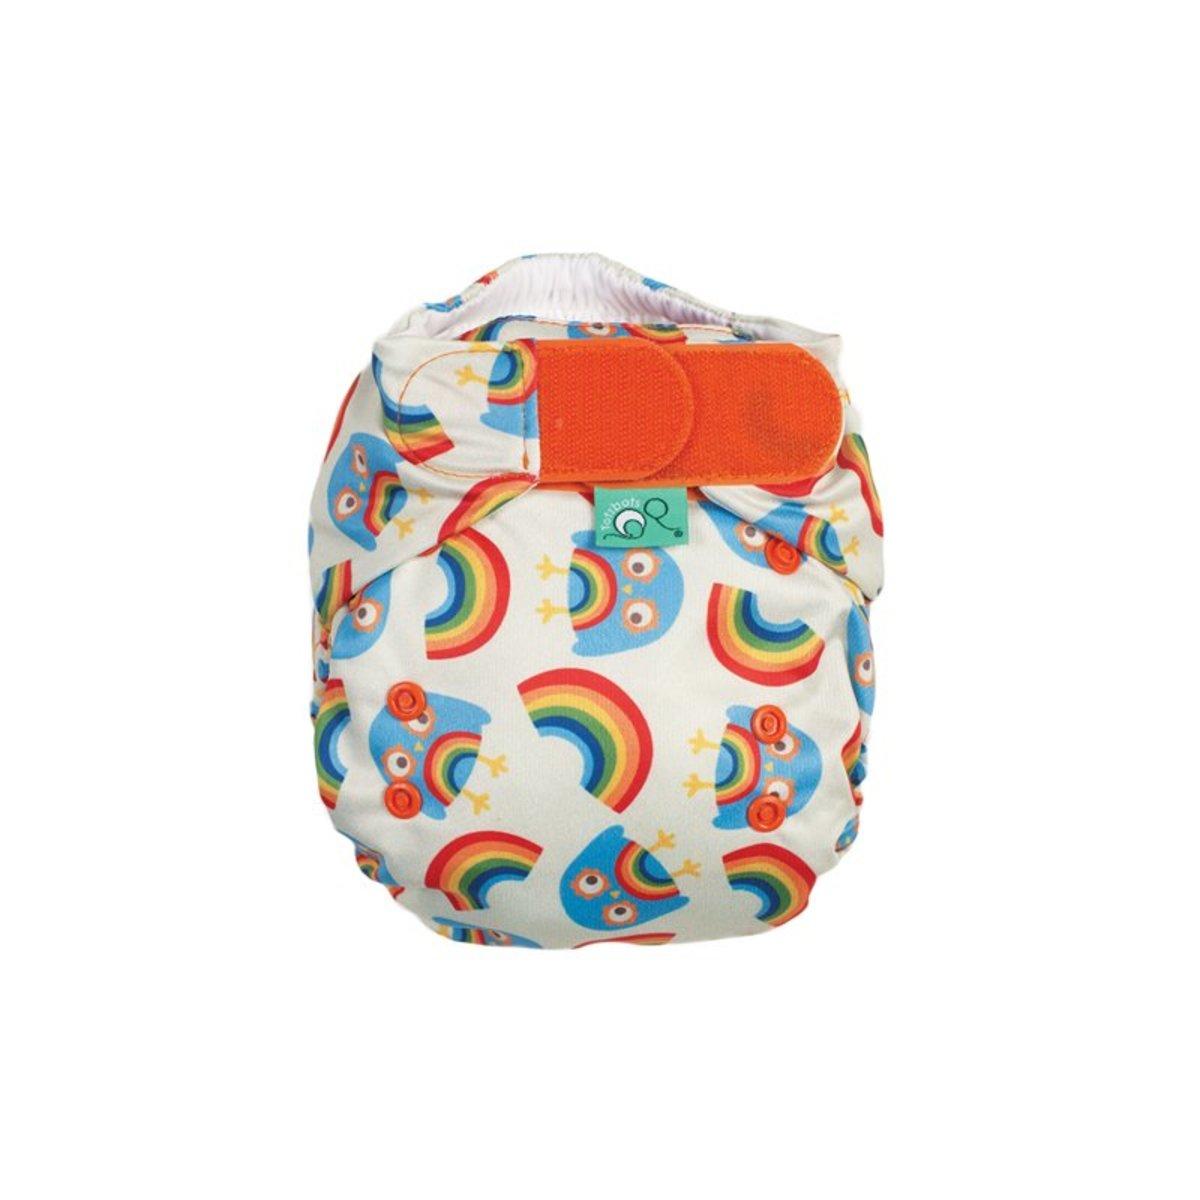 Tots Bots Rainbow Owls Print Diaper